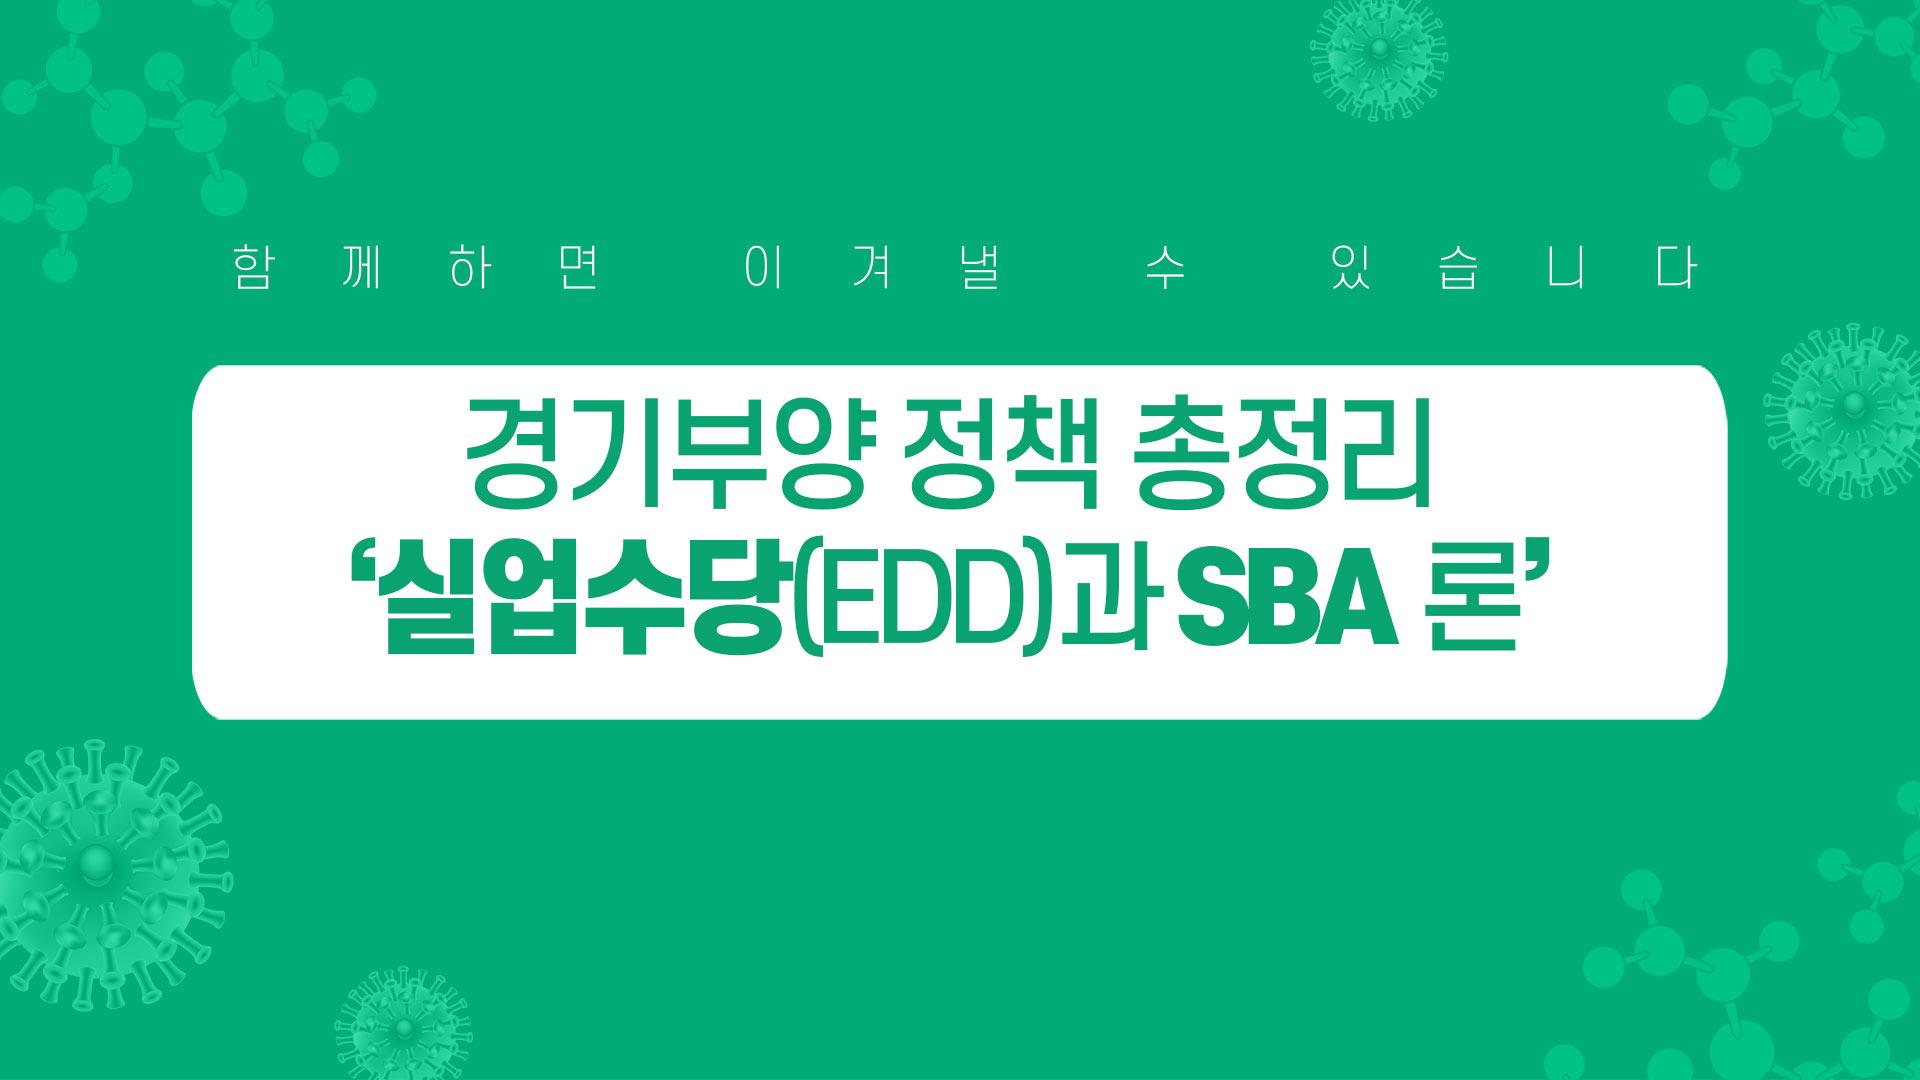 안병찬 CPA의 경기 부양 패키지 법안 - ′실업 수당(EDD)과 SBA 론′